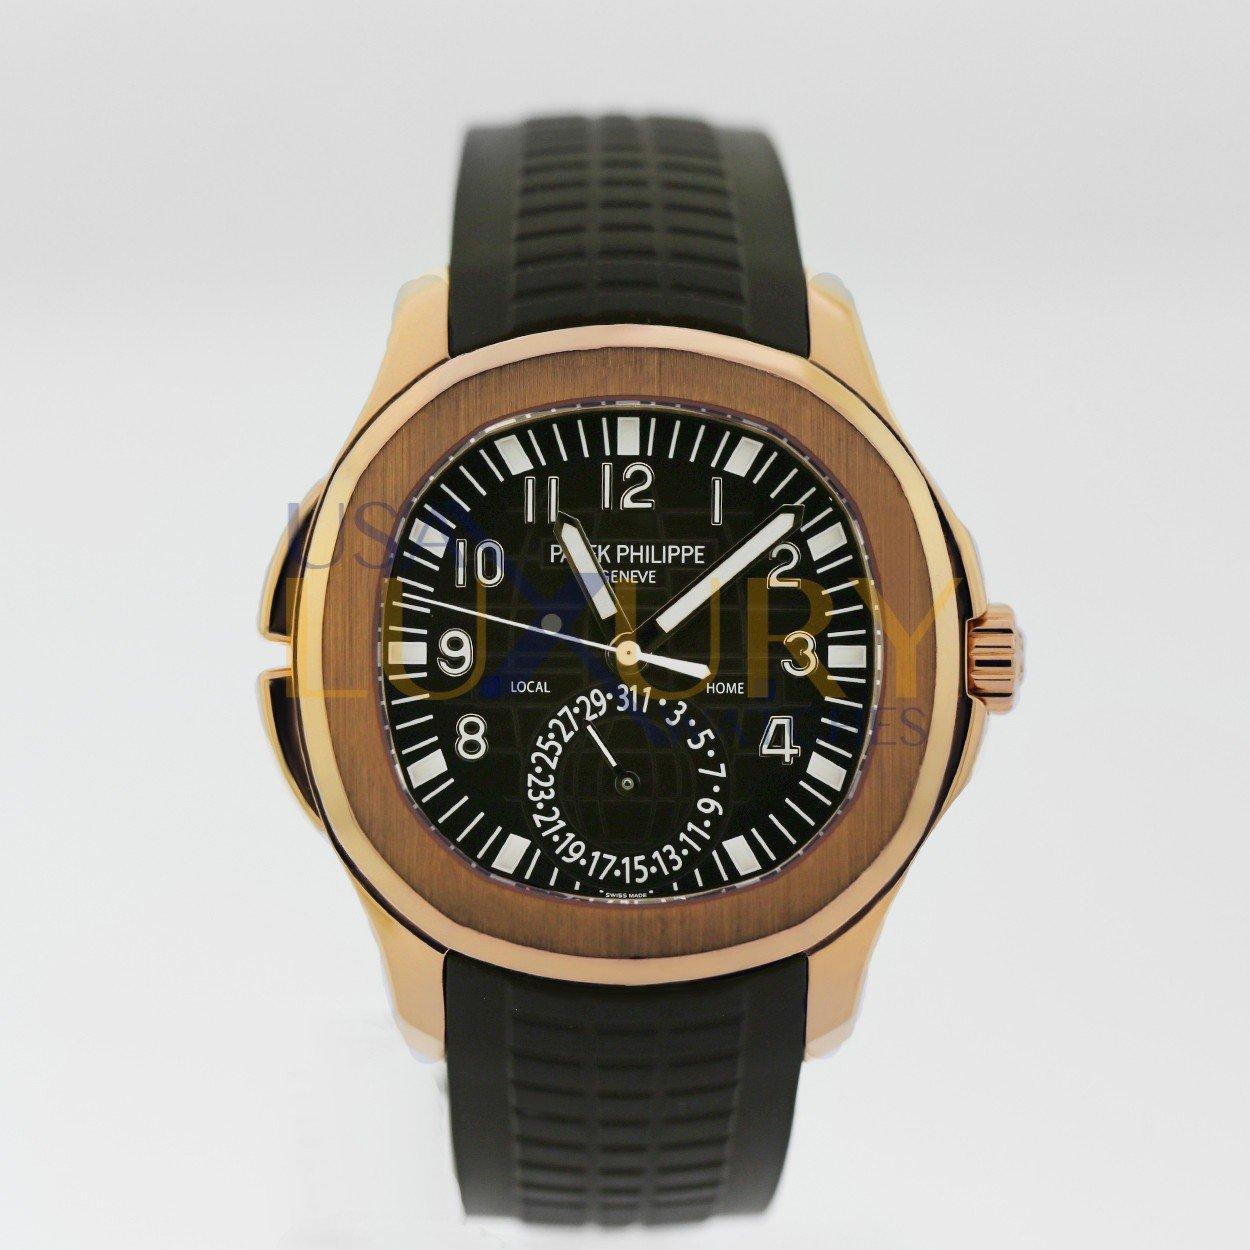 Patek Philippe Aquanaut Travel Time 41mm Rose Gold 5164r 001 Unworn